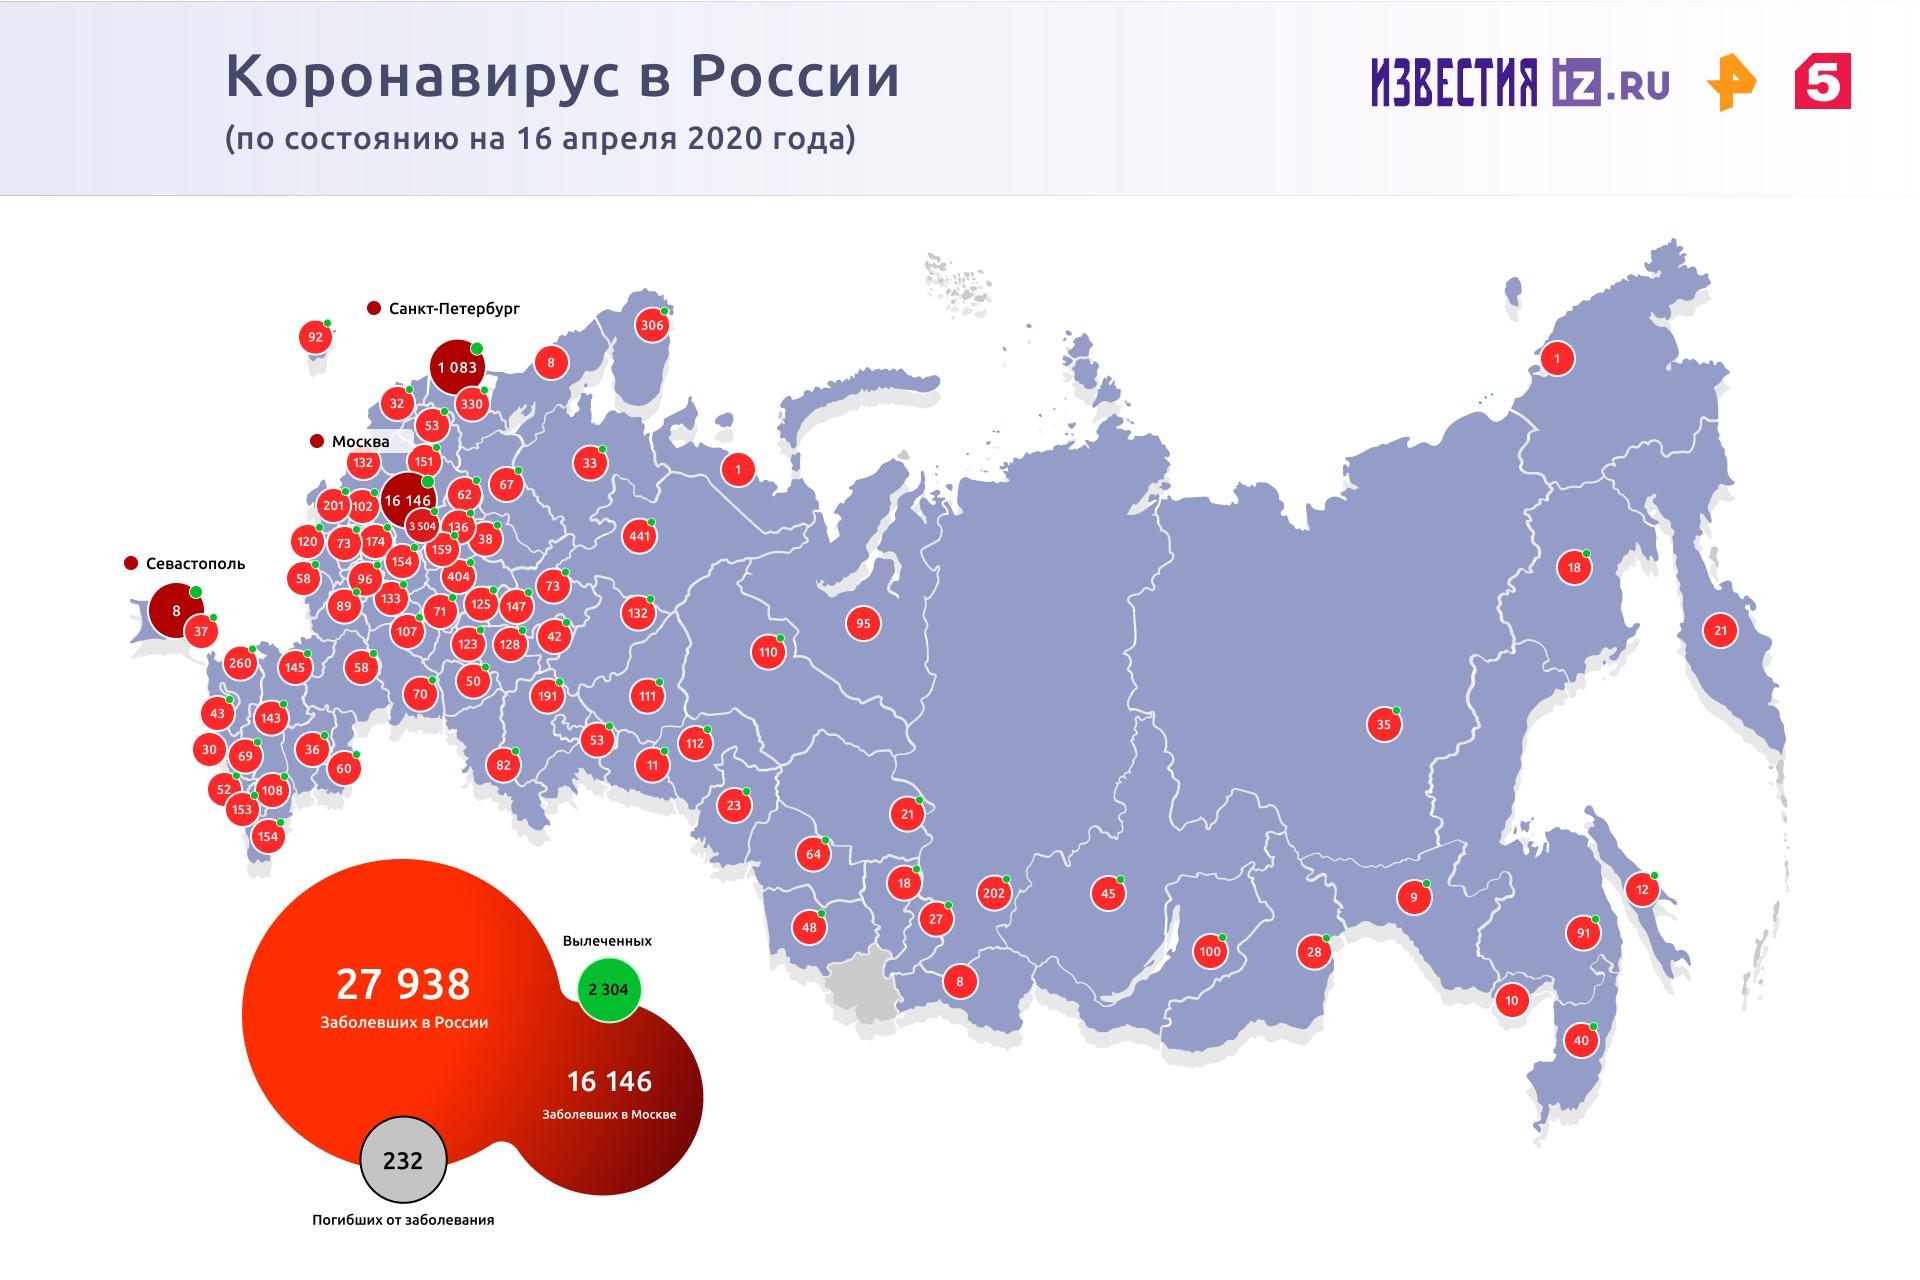 Минздрав России приостановил плановую вакцинацию из-за коронавируса